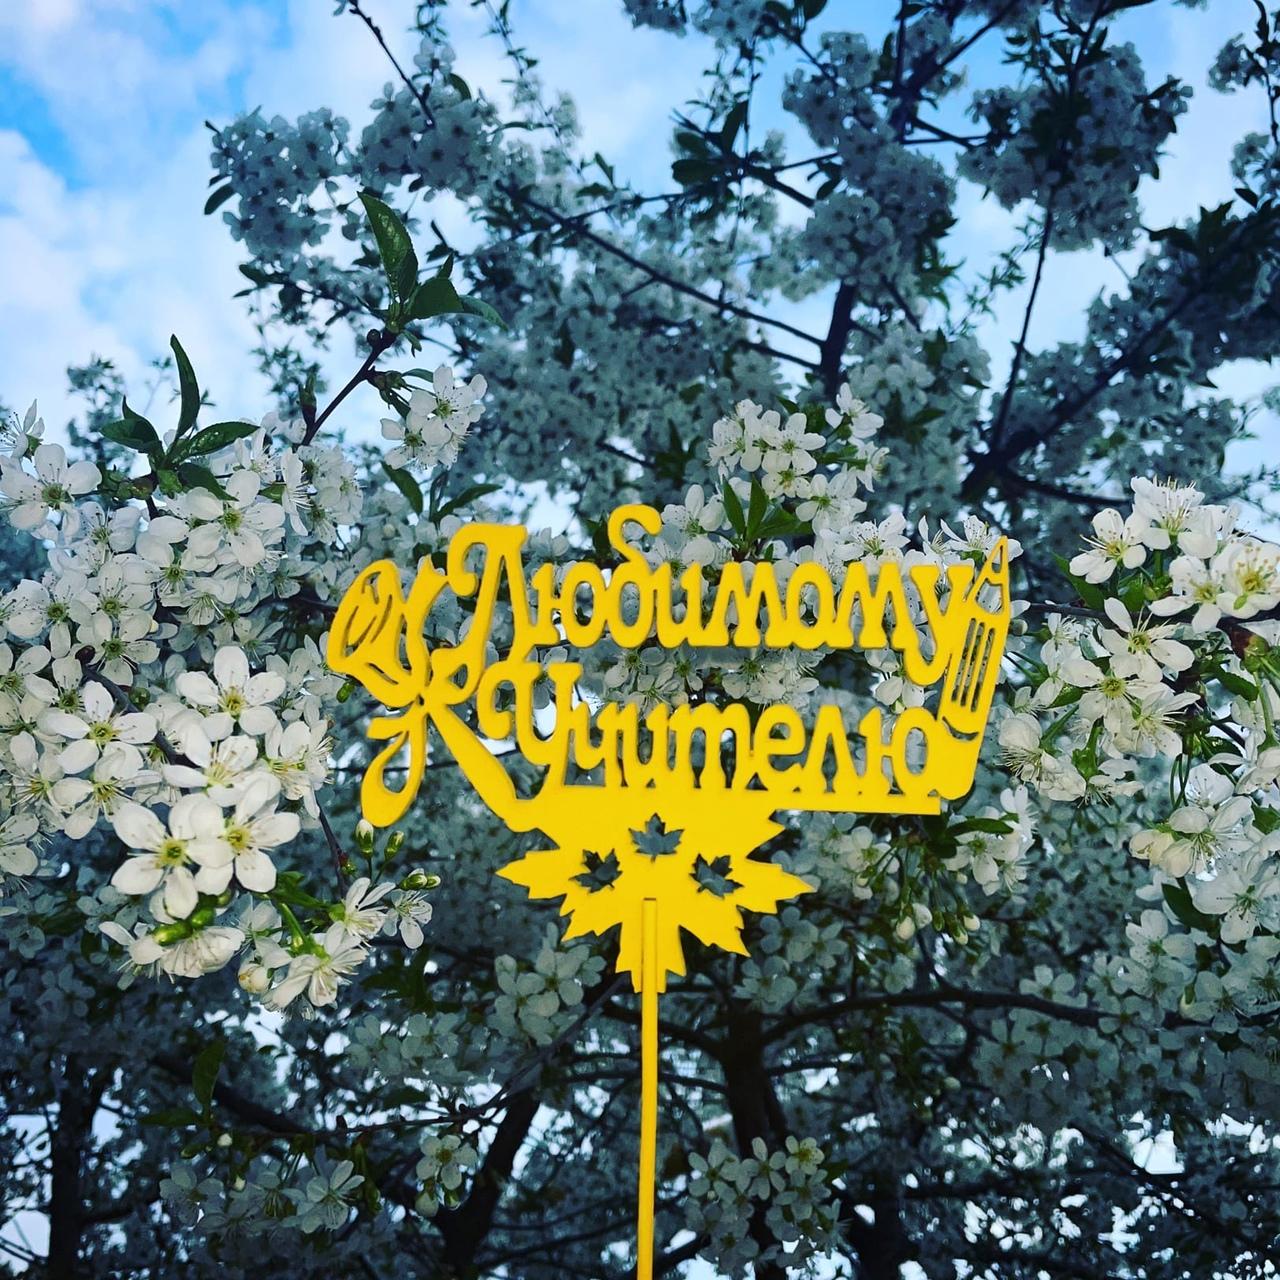 Топер - «Любимому учителю» Топер Любимому учителю  отлично подойдет для дополнения подарка или букета, тортика или просто так... Топпер, Топпер ко дню, njggth, ltym vfnthb, ltym vfvs, ghfplybr, топпер к празднику, топер, toper, топперы в Белгороде, Москве, Твери, Тверь, Санкт-Петербург - Цена, Стоимость - 30 руб.(доставка по всей России)